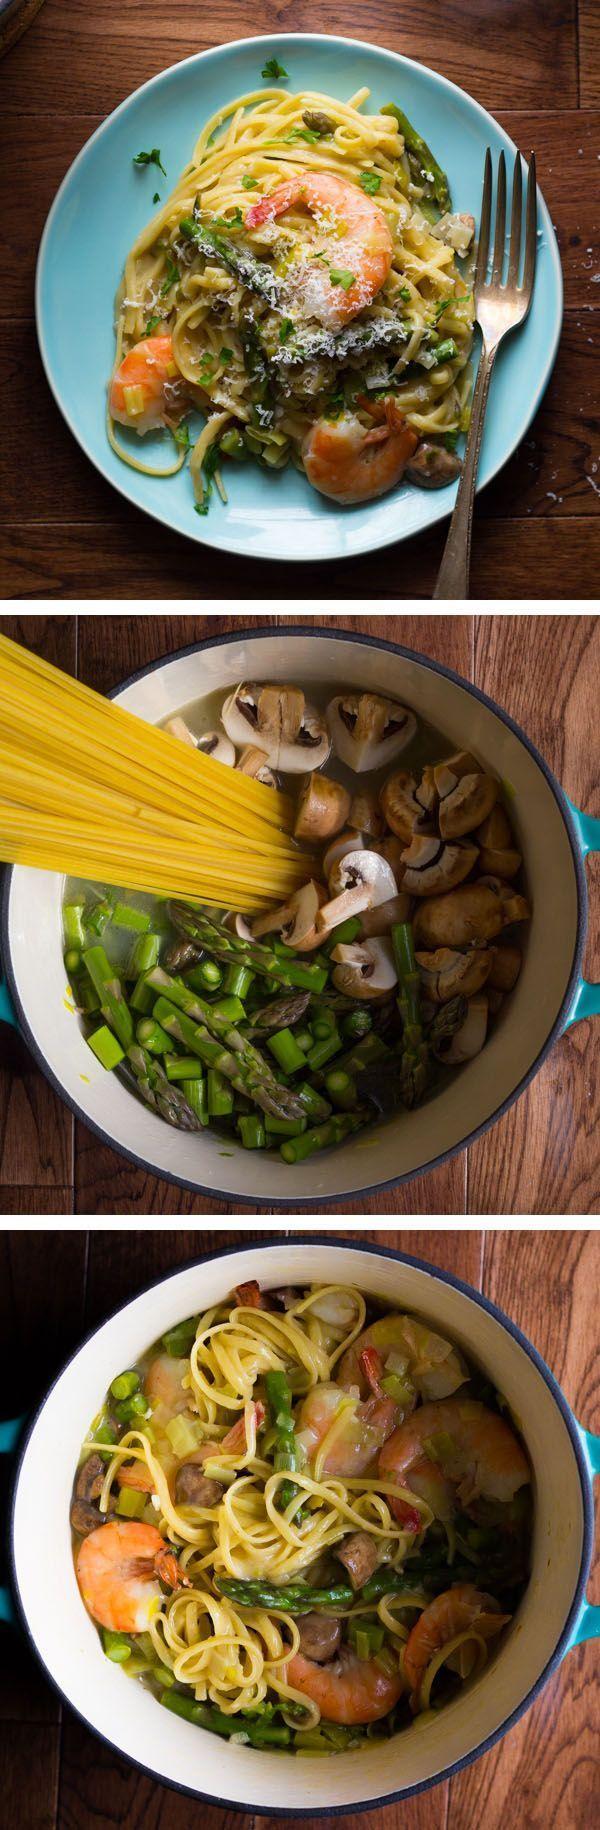 One Pot Shrimp Linguine with Spring Vegetables by sweetpeasandsaffron #Pasta #Shrimp #Veggies